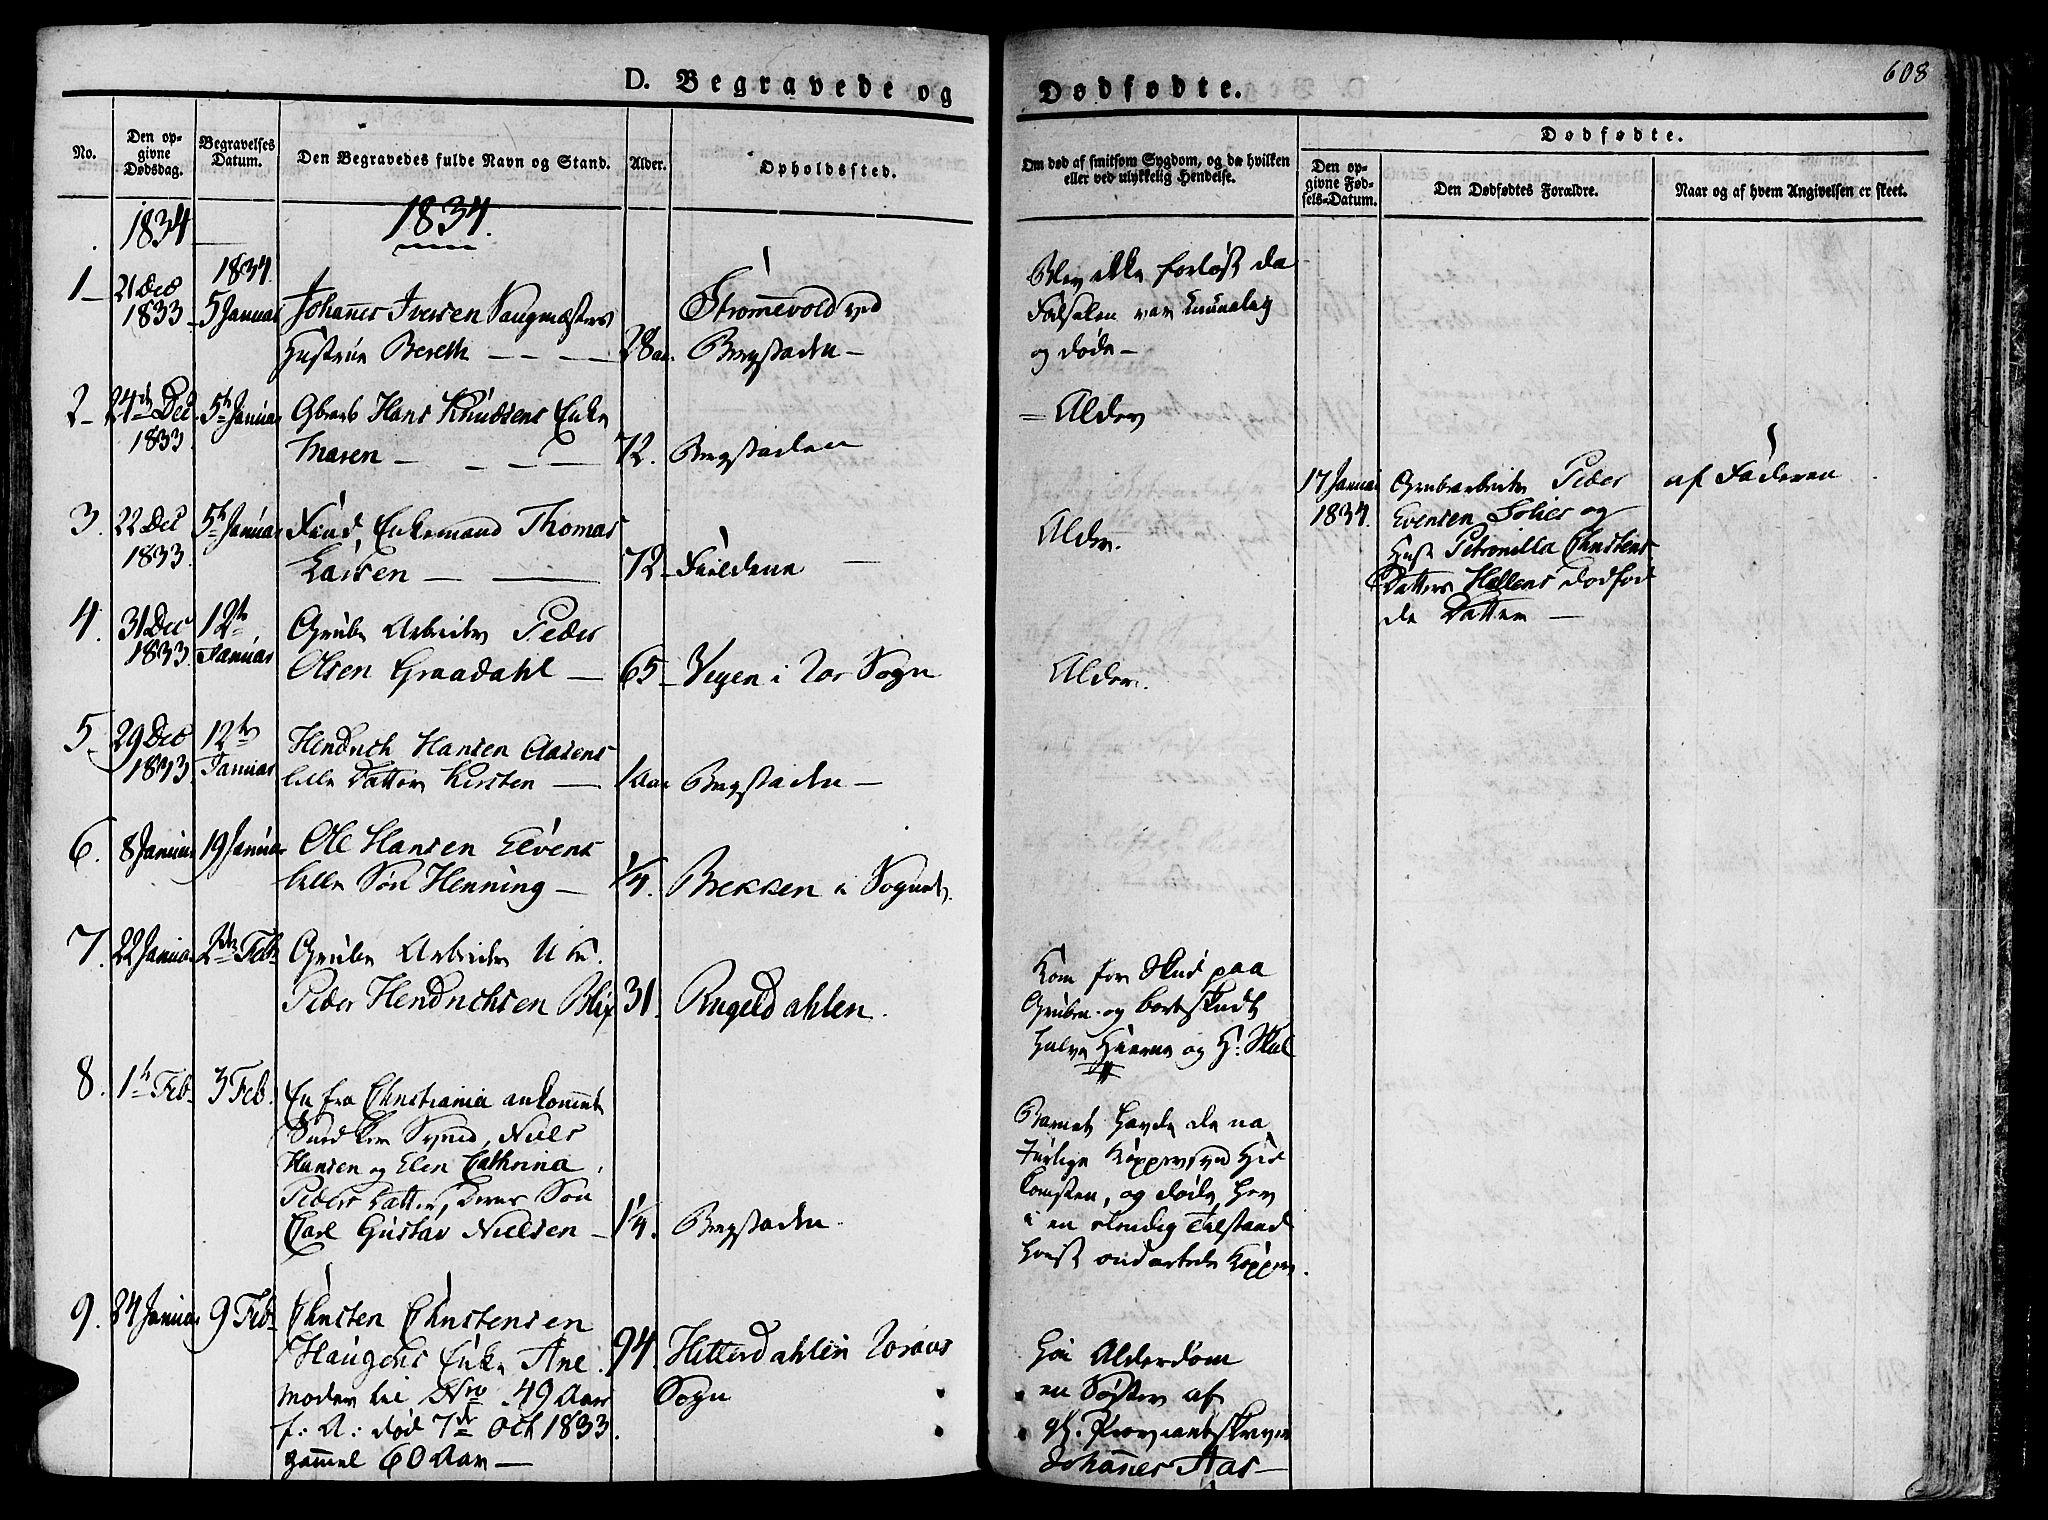 SAT, Ministerialprotokoller, klokkerbøker og fødselsregistre - Sør-Trøndelag, 681/L0930: Ministerialbok nr. 681A08, 1829-1844, s. 608